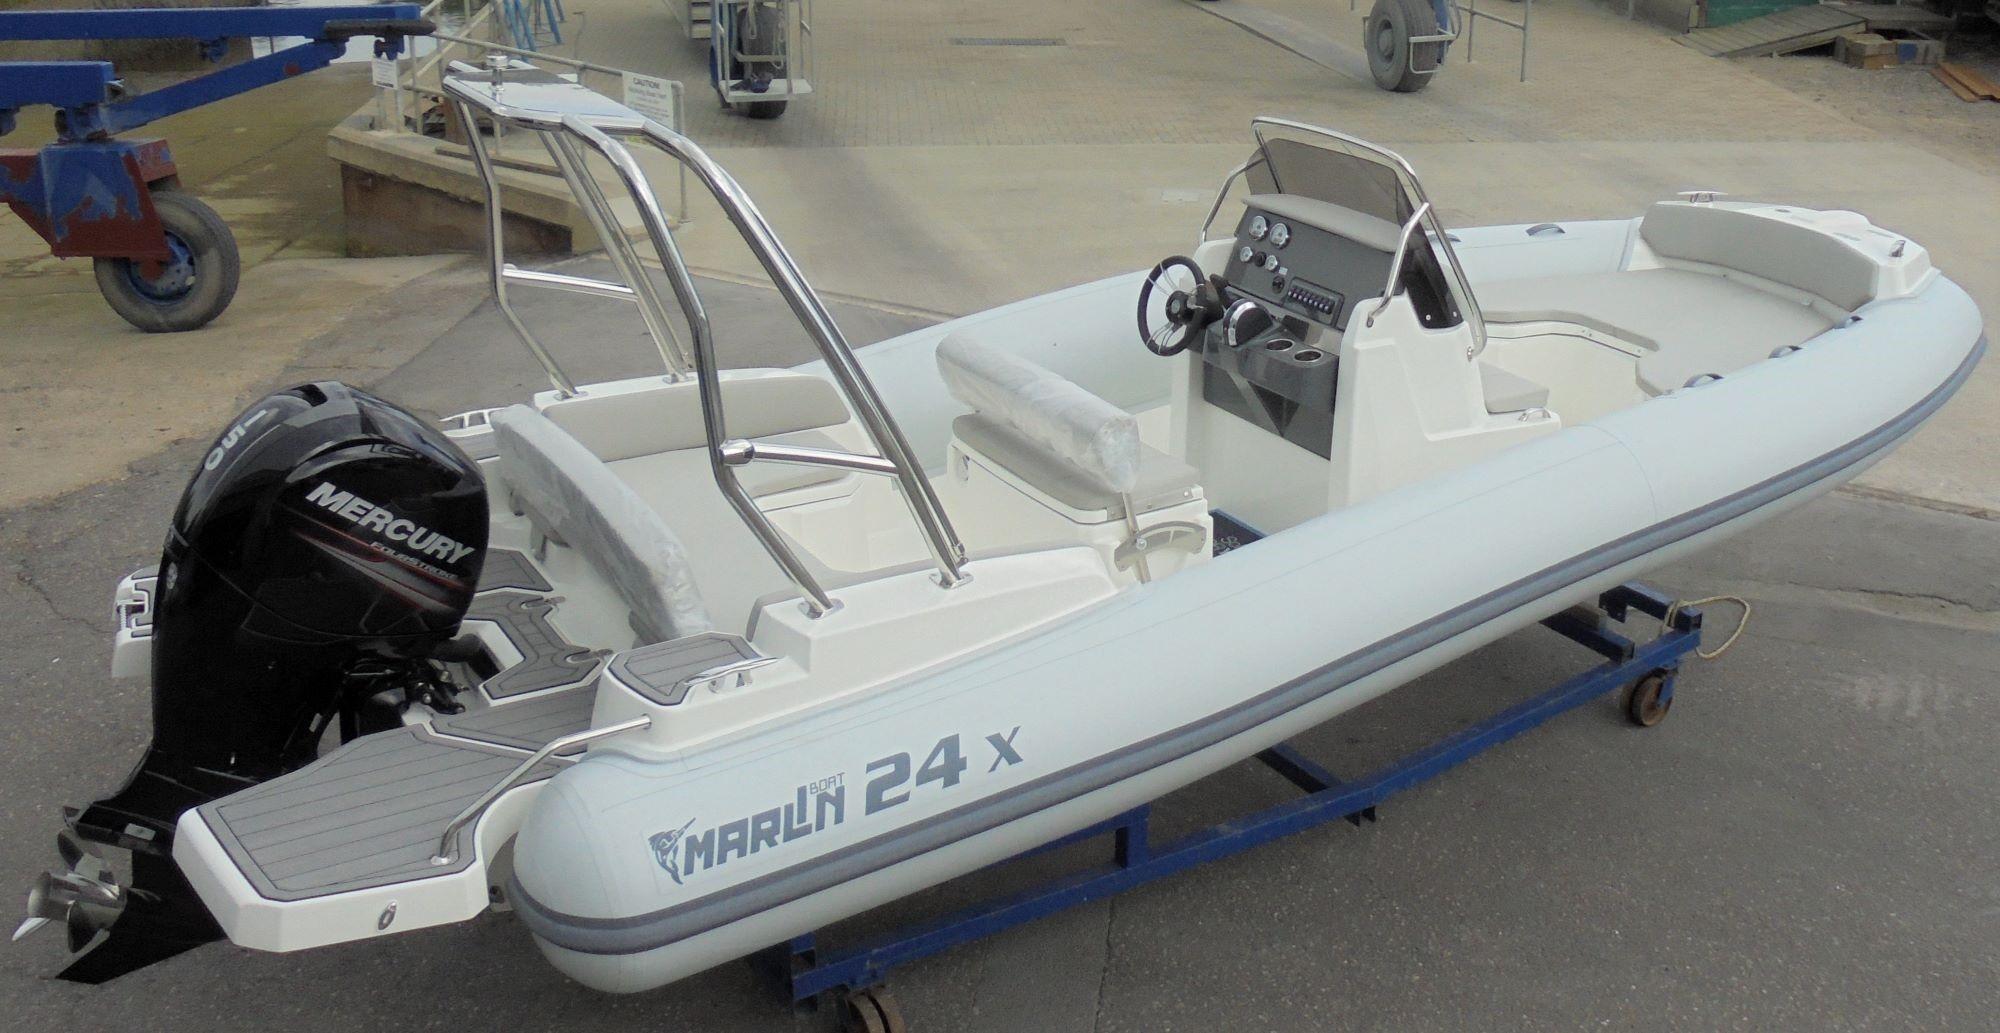 Marlin Ribs 24 X